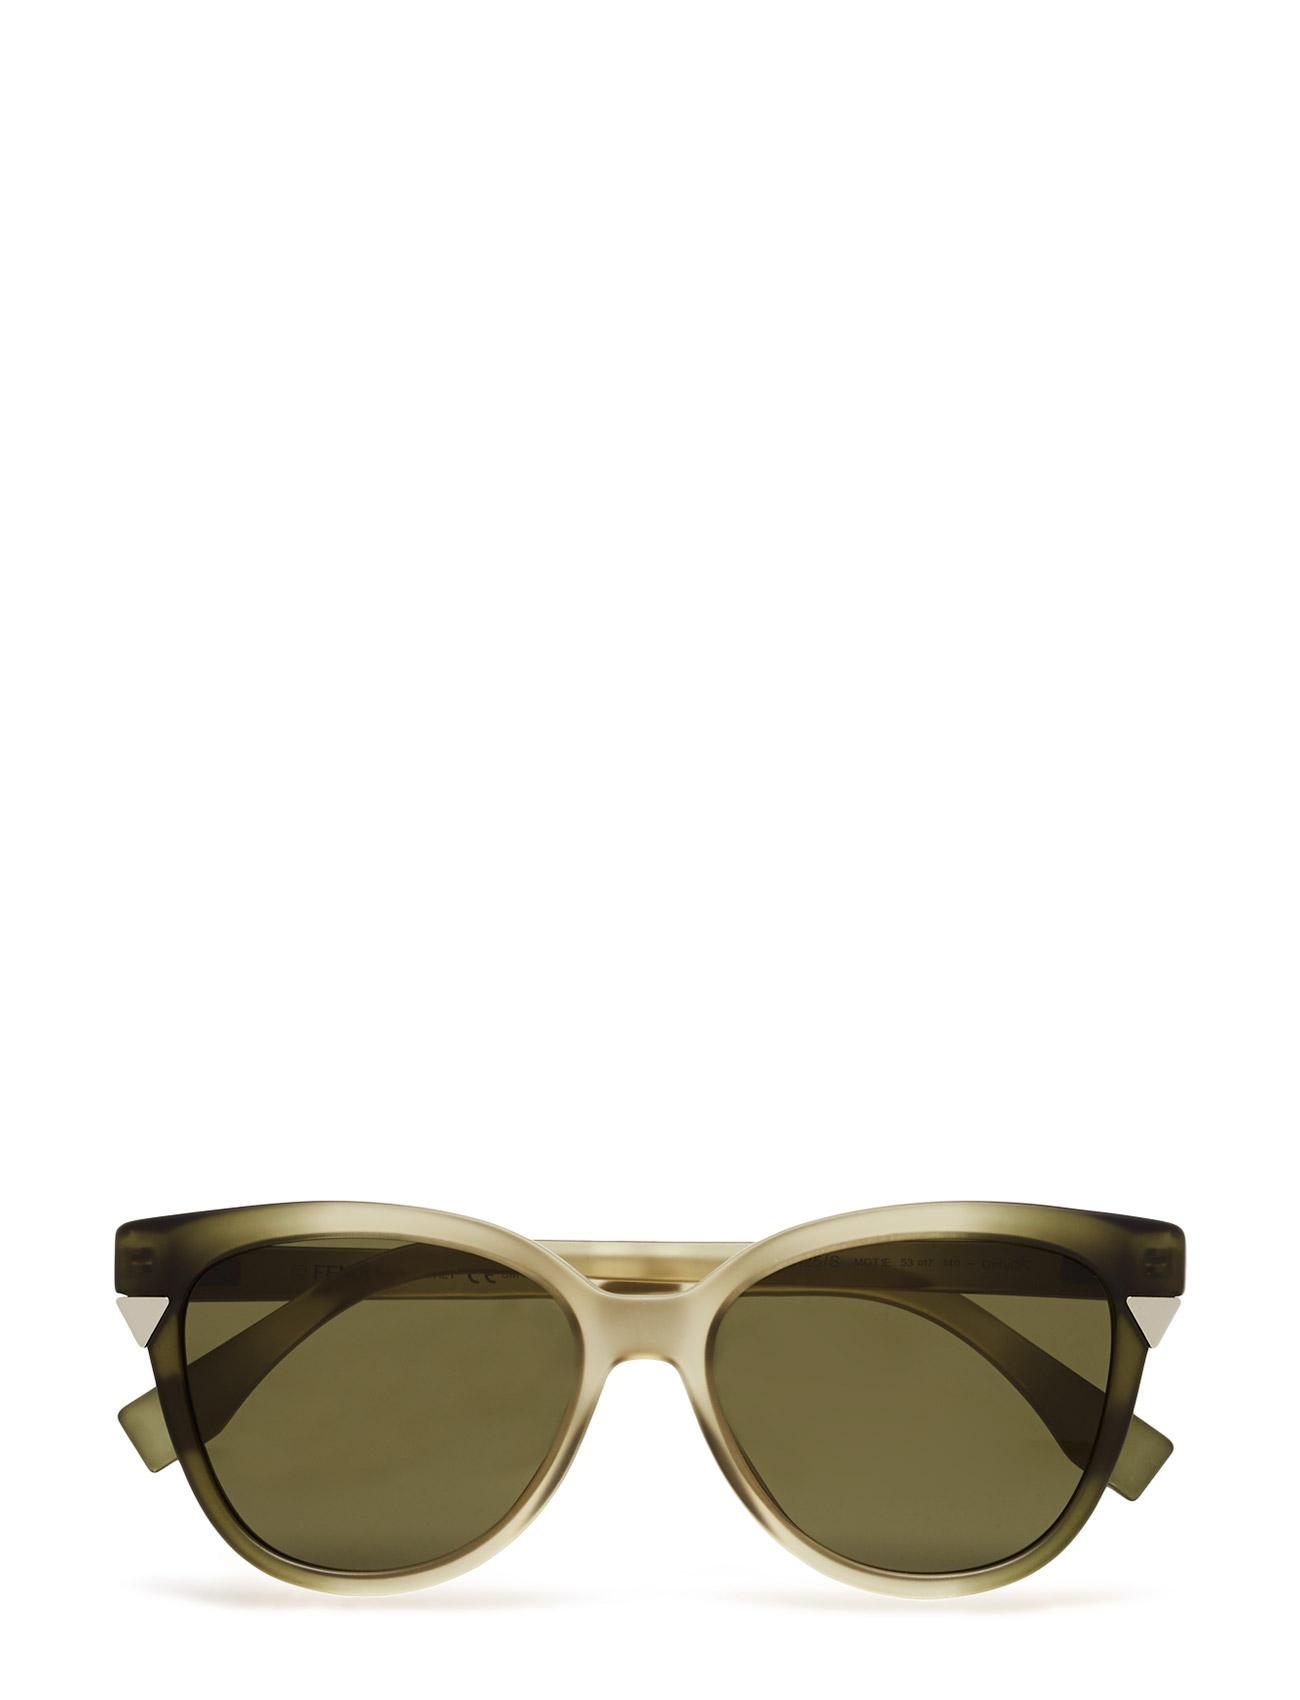 223634 Fendi Sunglasses Solbriller til Kvinder i